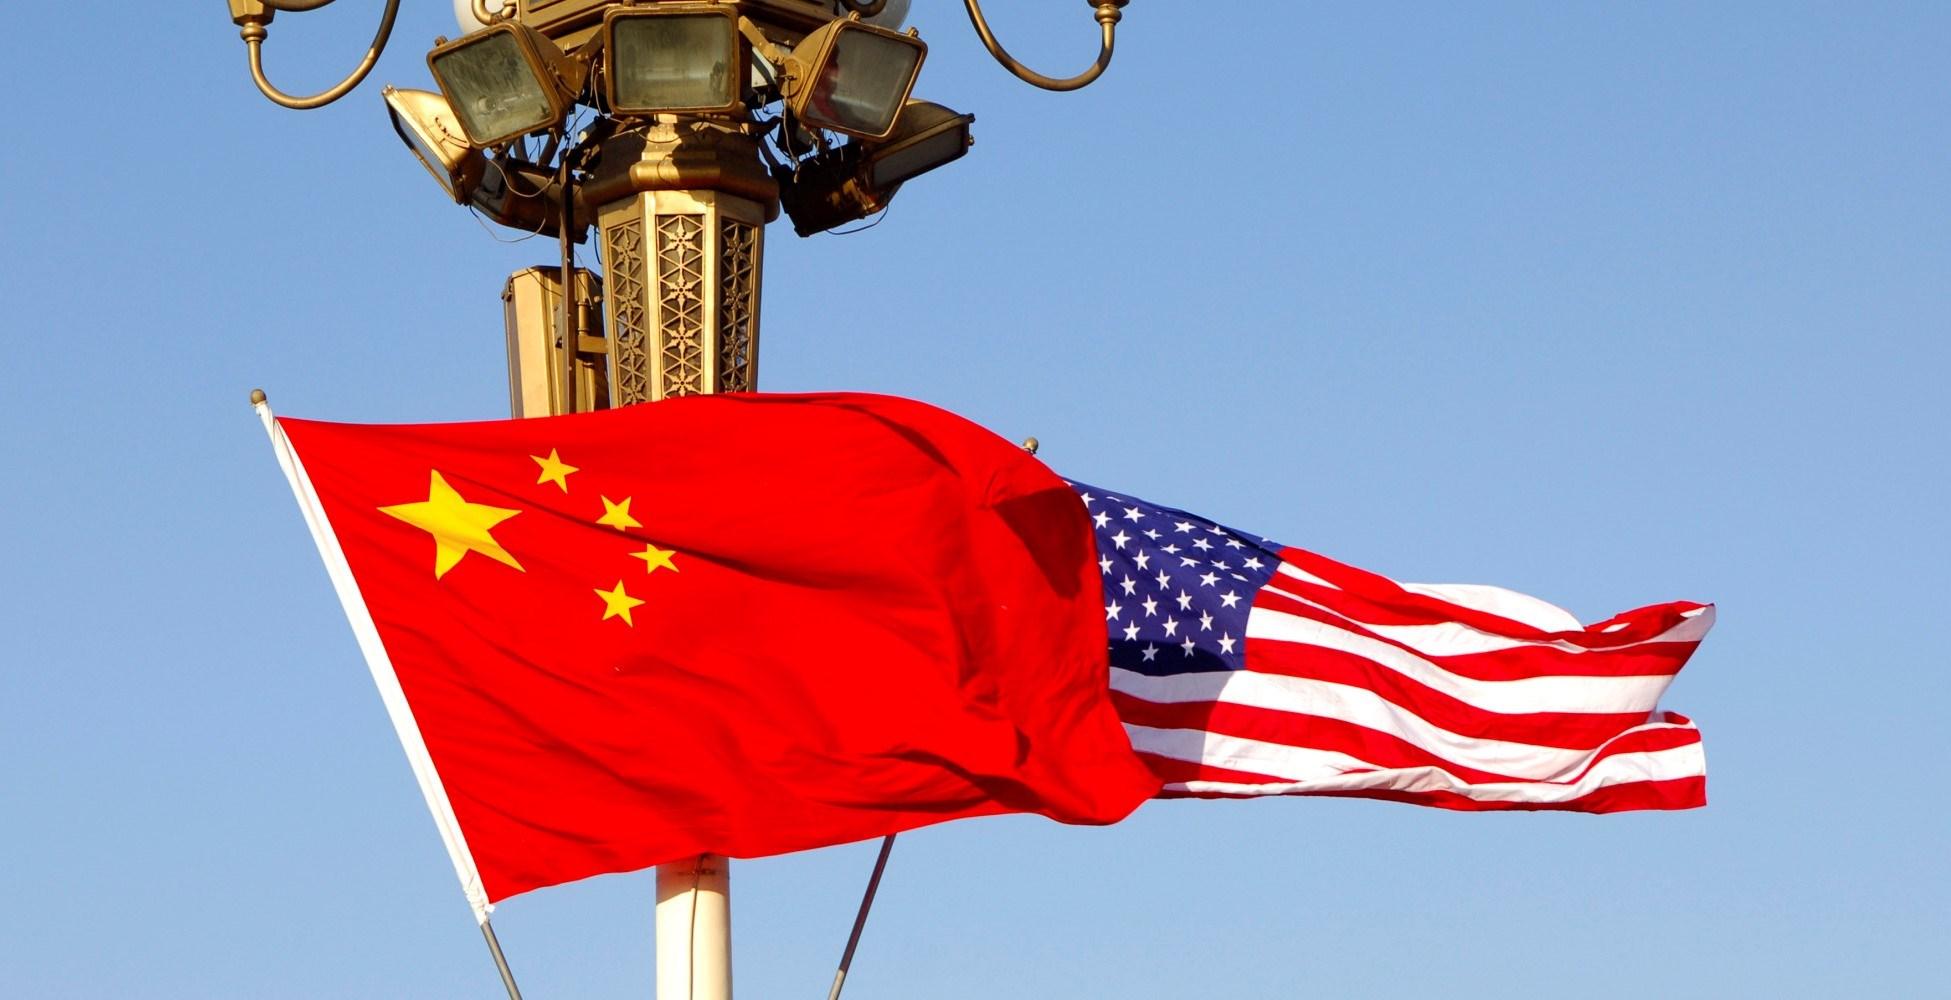 الصين تدخل من القرن الأفريقي: هل تصل «المناطق المُحرَّمة»؟